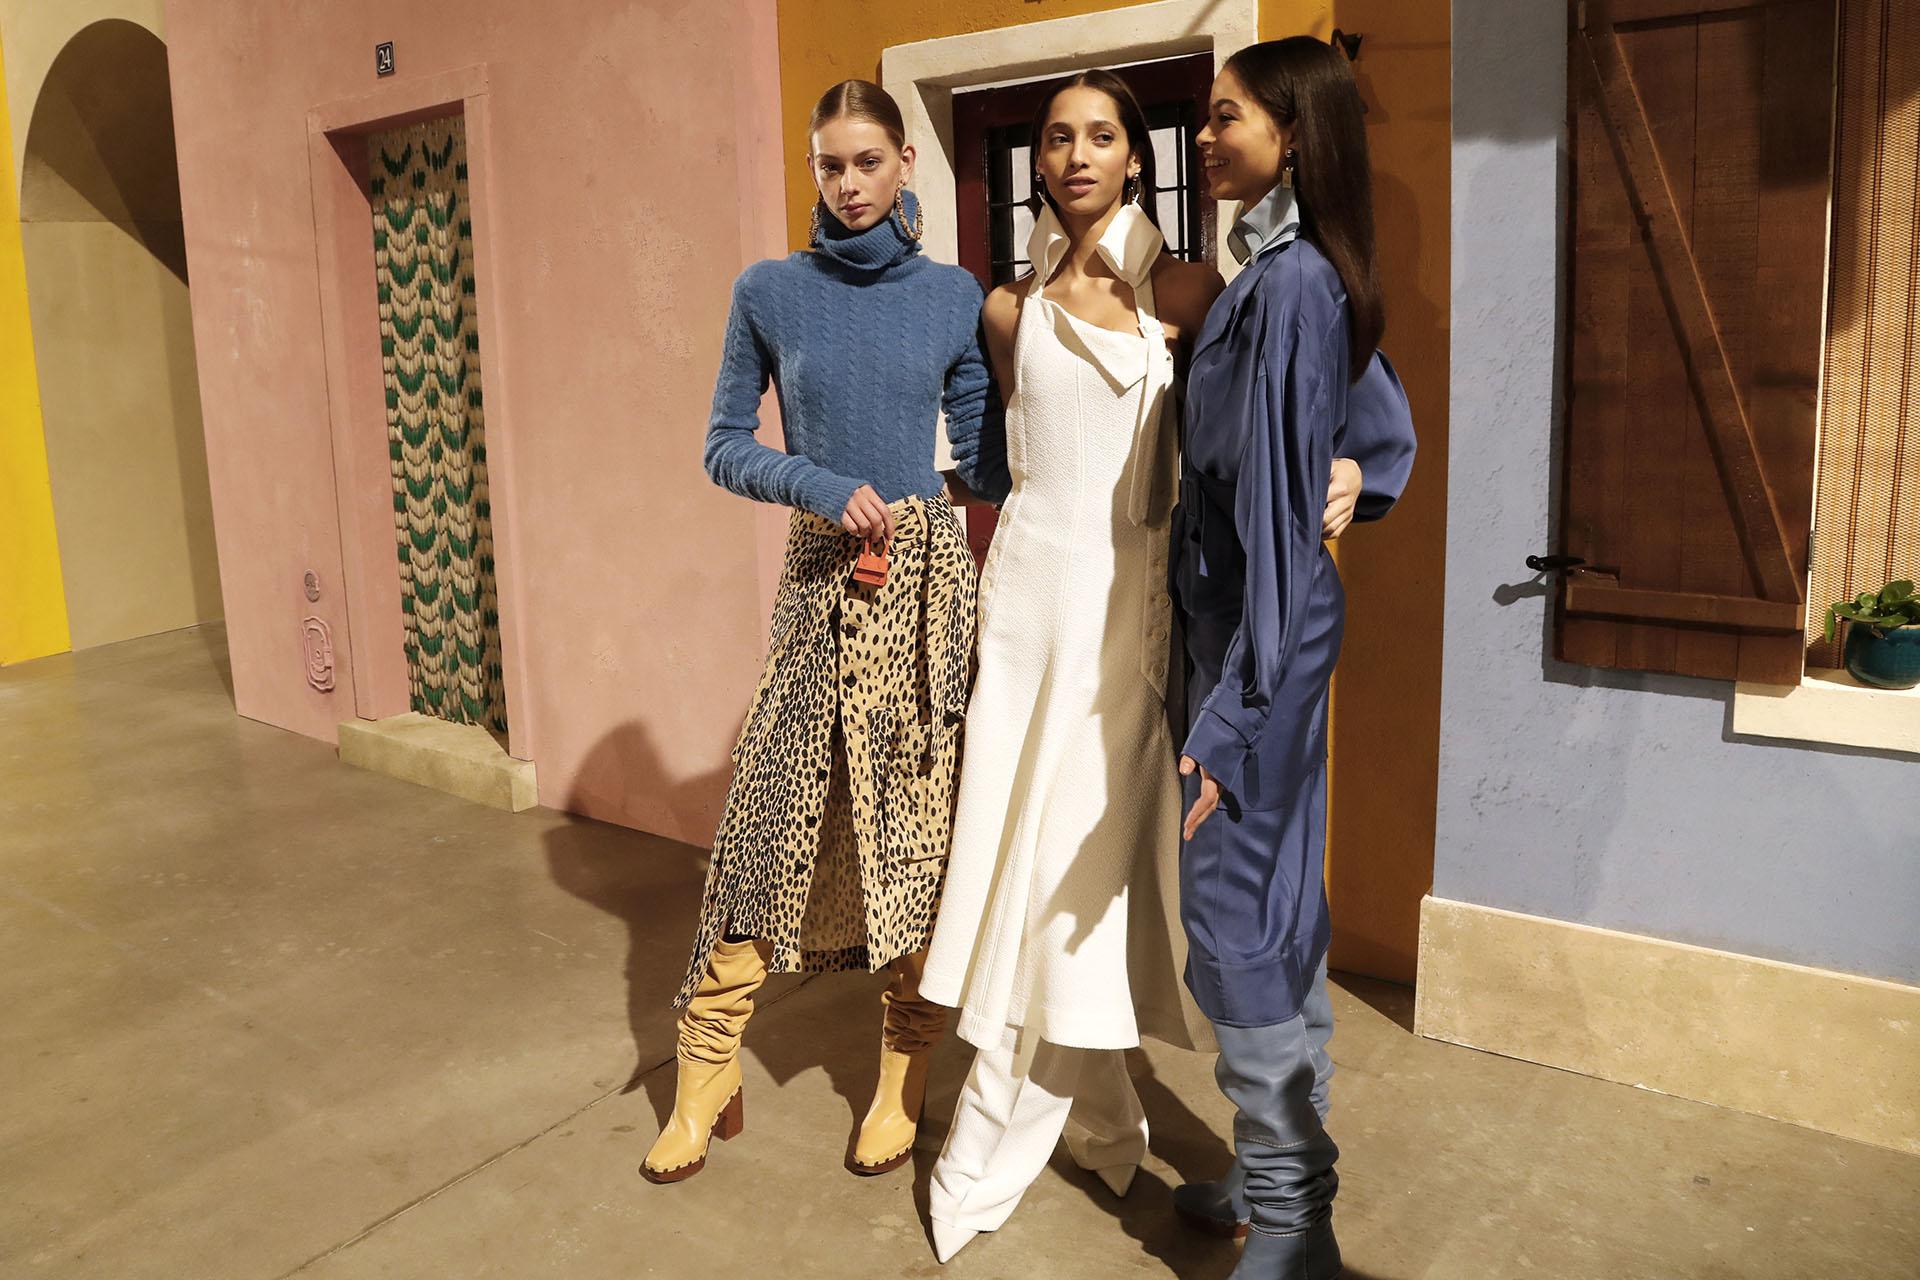 Jacquemus abrió la temporada de otoño-invierno 2019 de la semana de la moda en París. Una colección llena de colores vibrantes, líneas oversized y equipos ideales para ir a trabajar